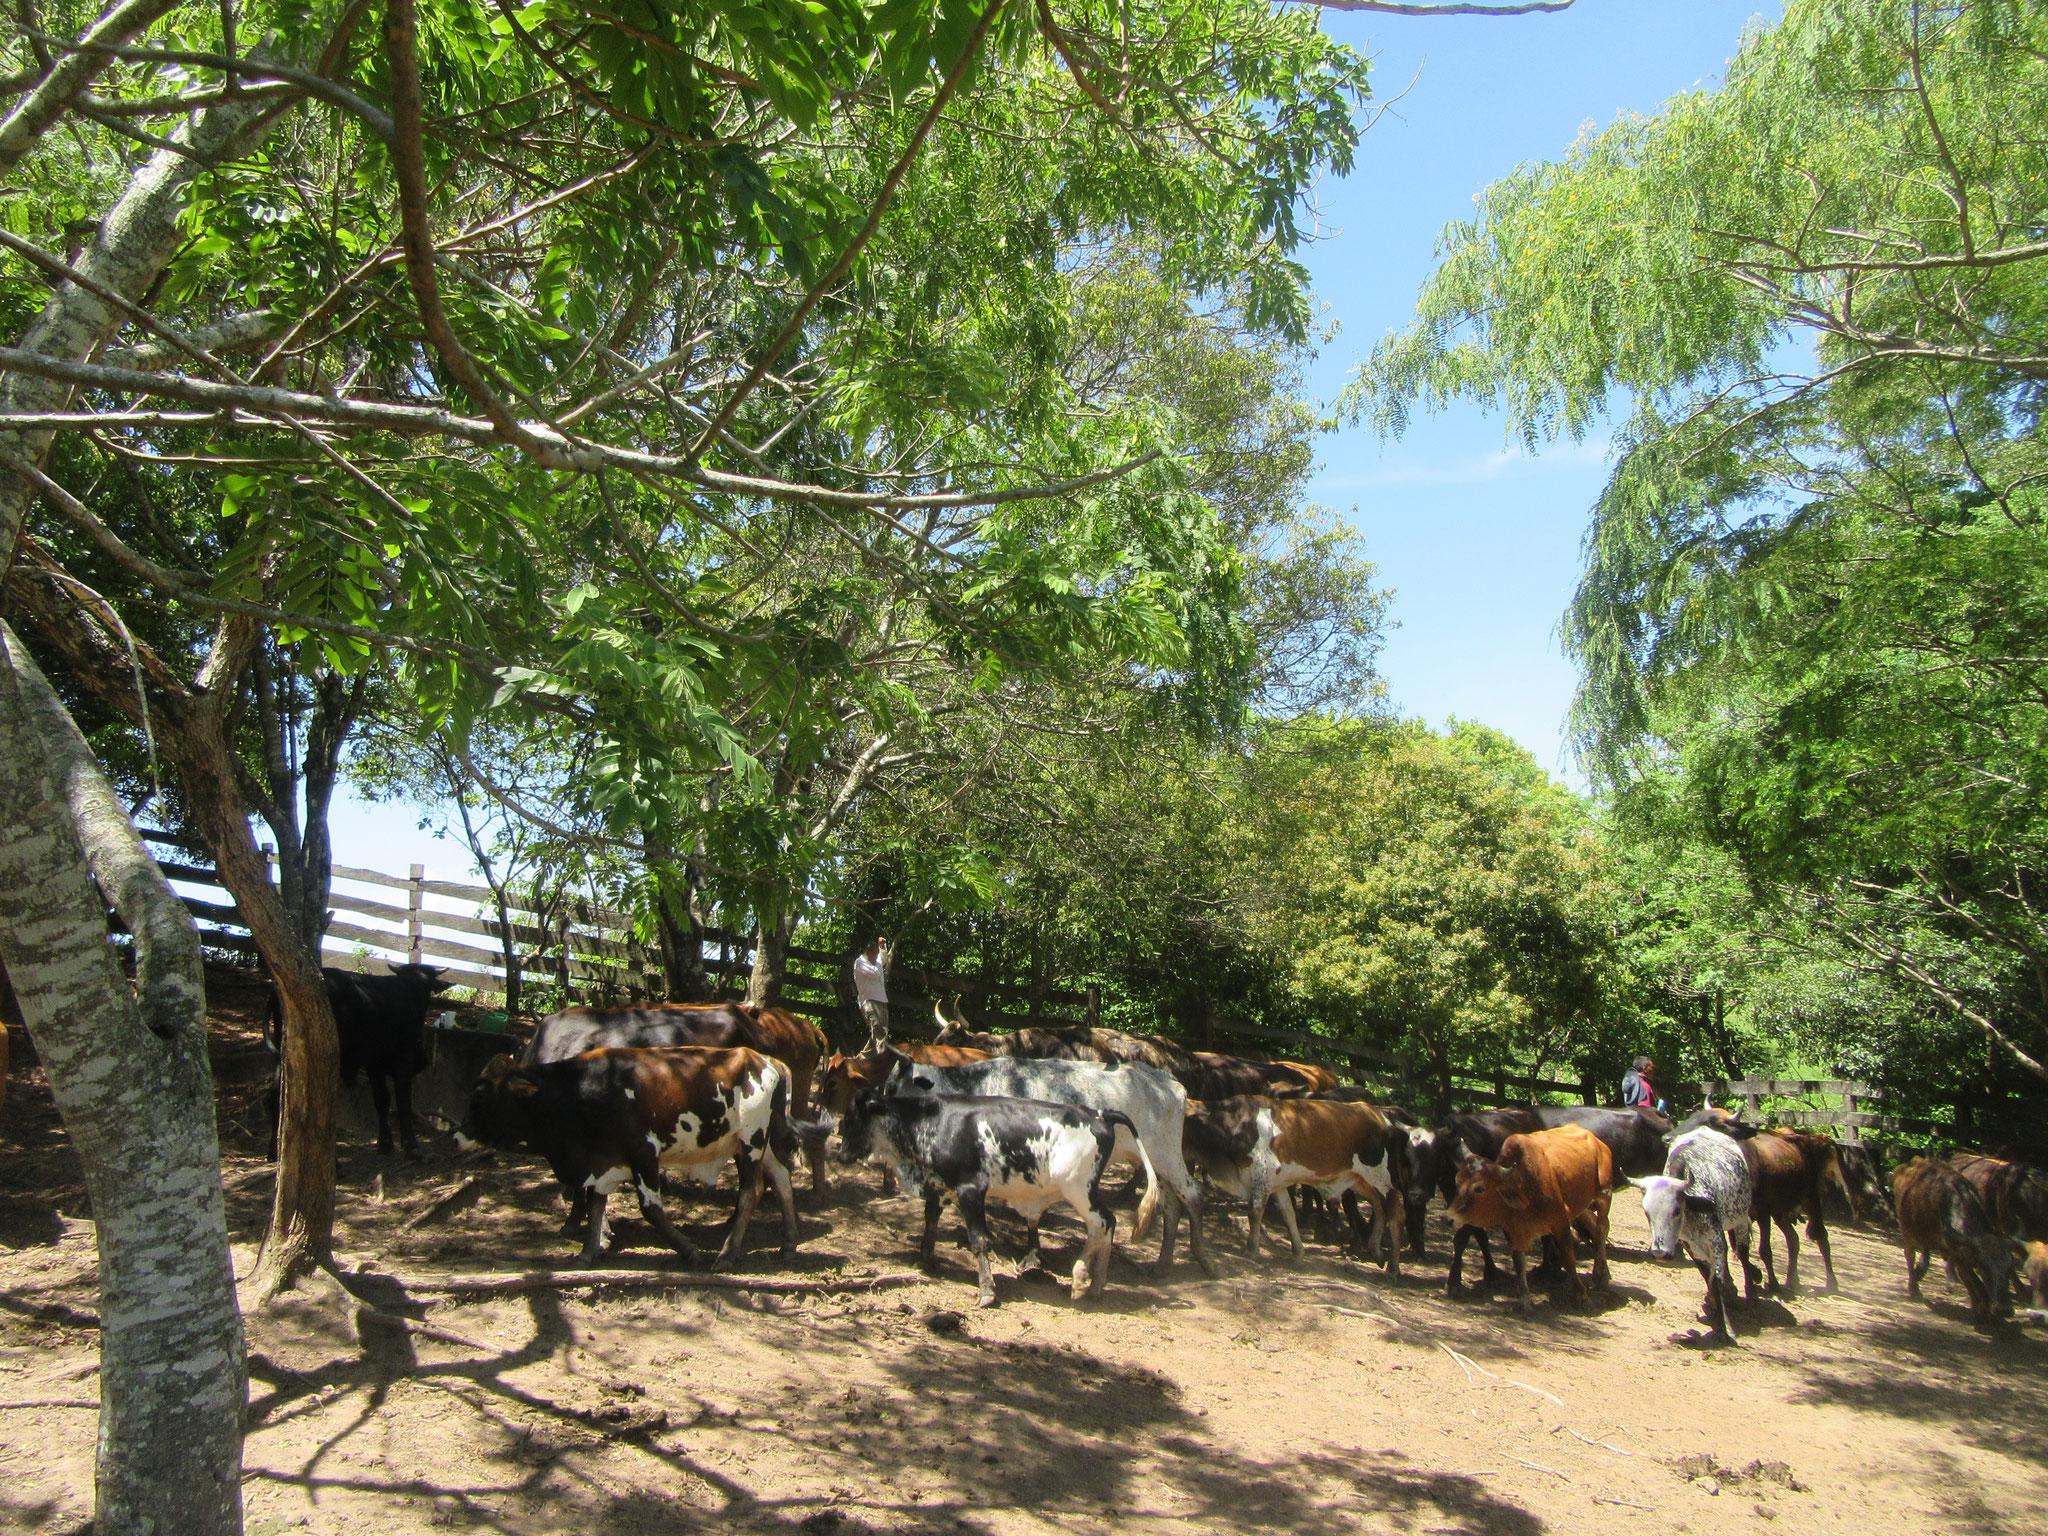 Hier ein paar unserer Rinder, die glücklich im Freien leben